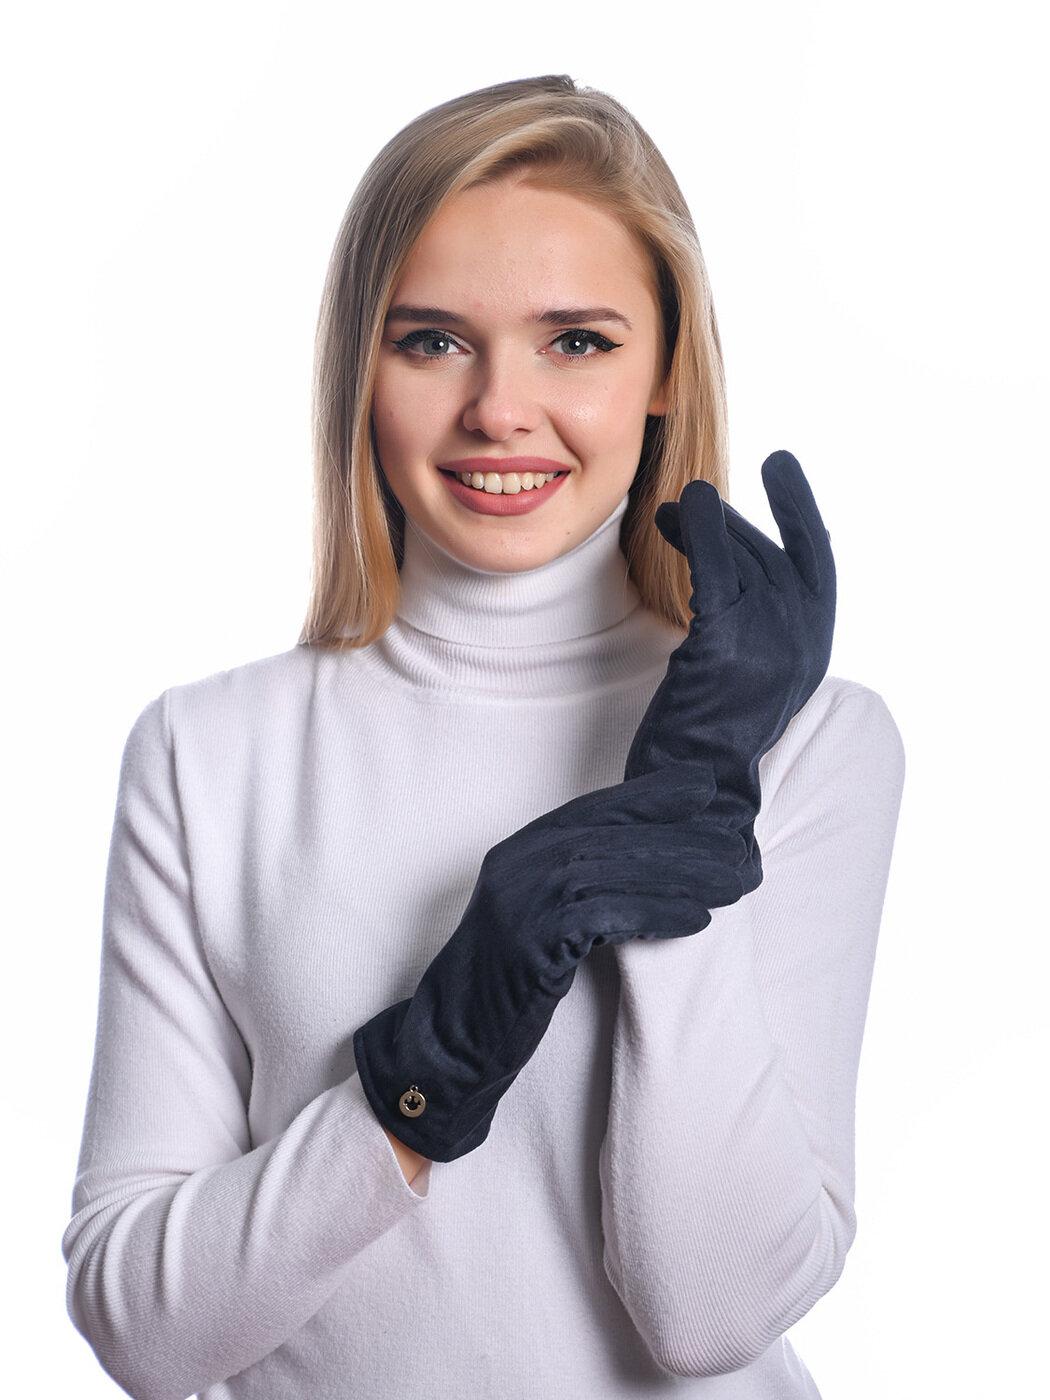 Перчатки Pretty — купить по выгодной цене на Яндекс.Маркете